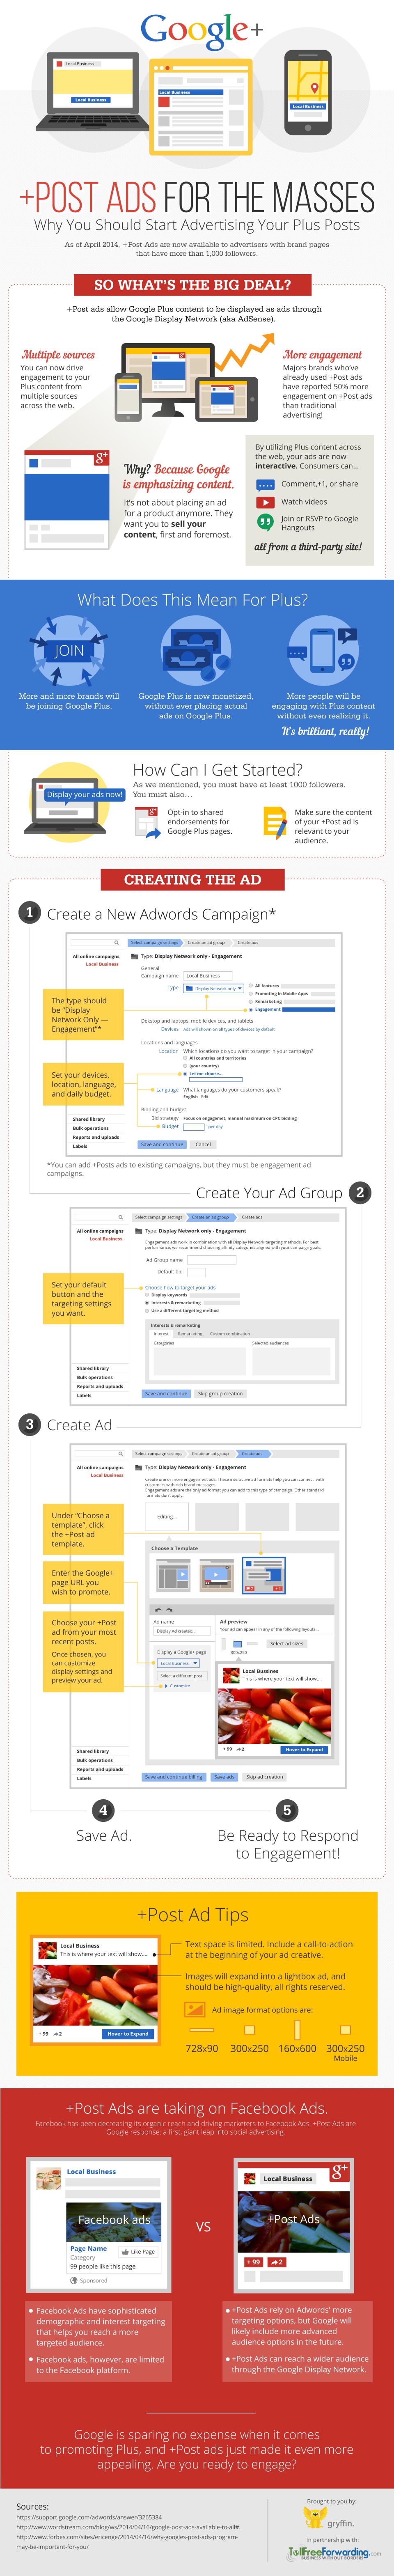 TFF-M5-GooglePlusPostAds